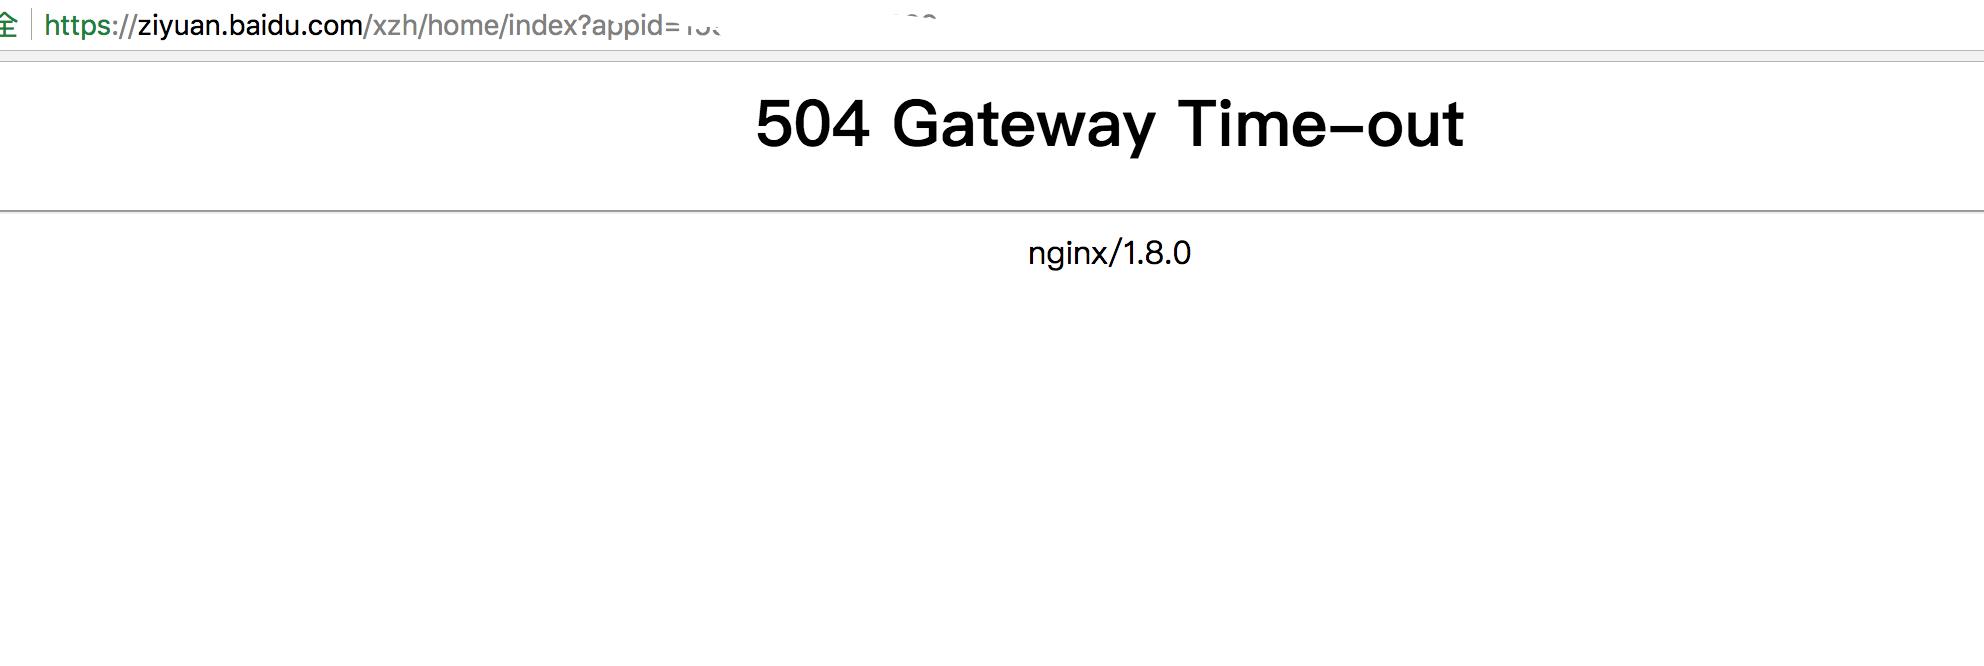 百度站长平台-百度资源平台出现严重bug-网站内容无法访问-熊掌号直接504